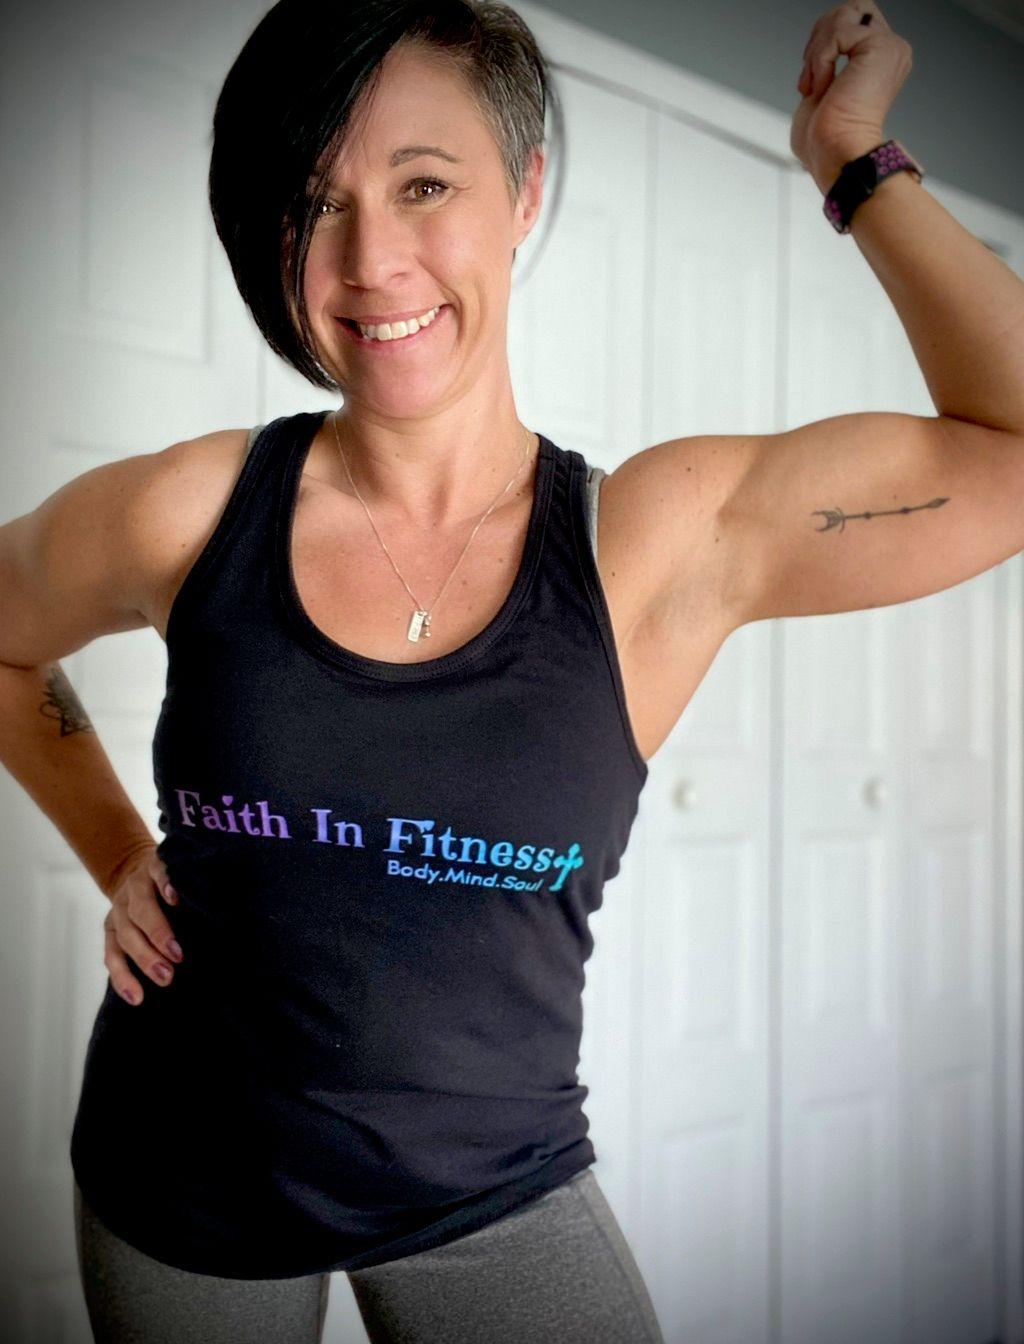 Faith In Fitness